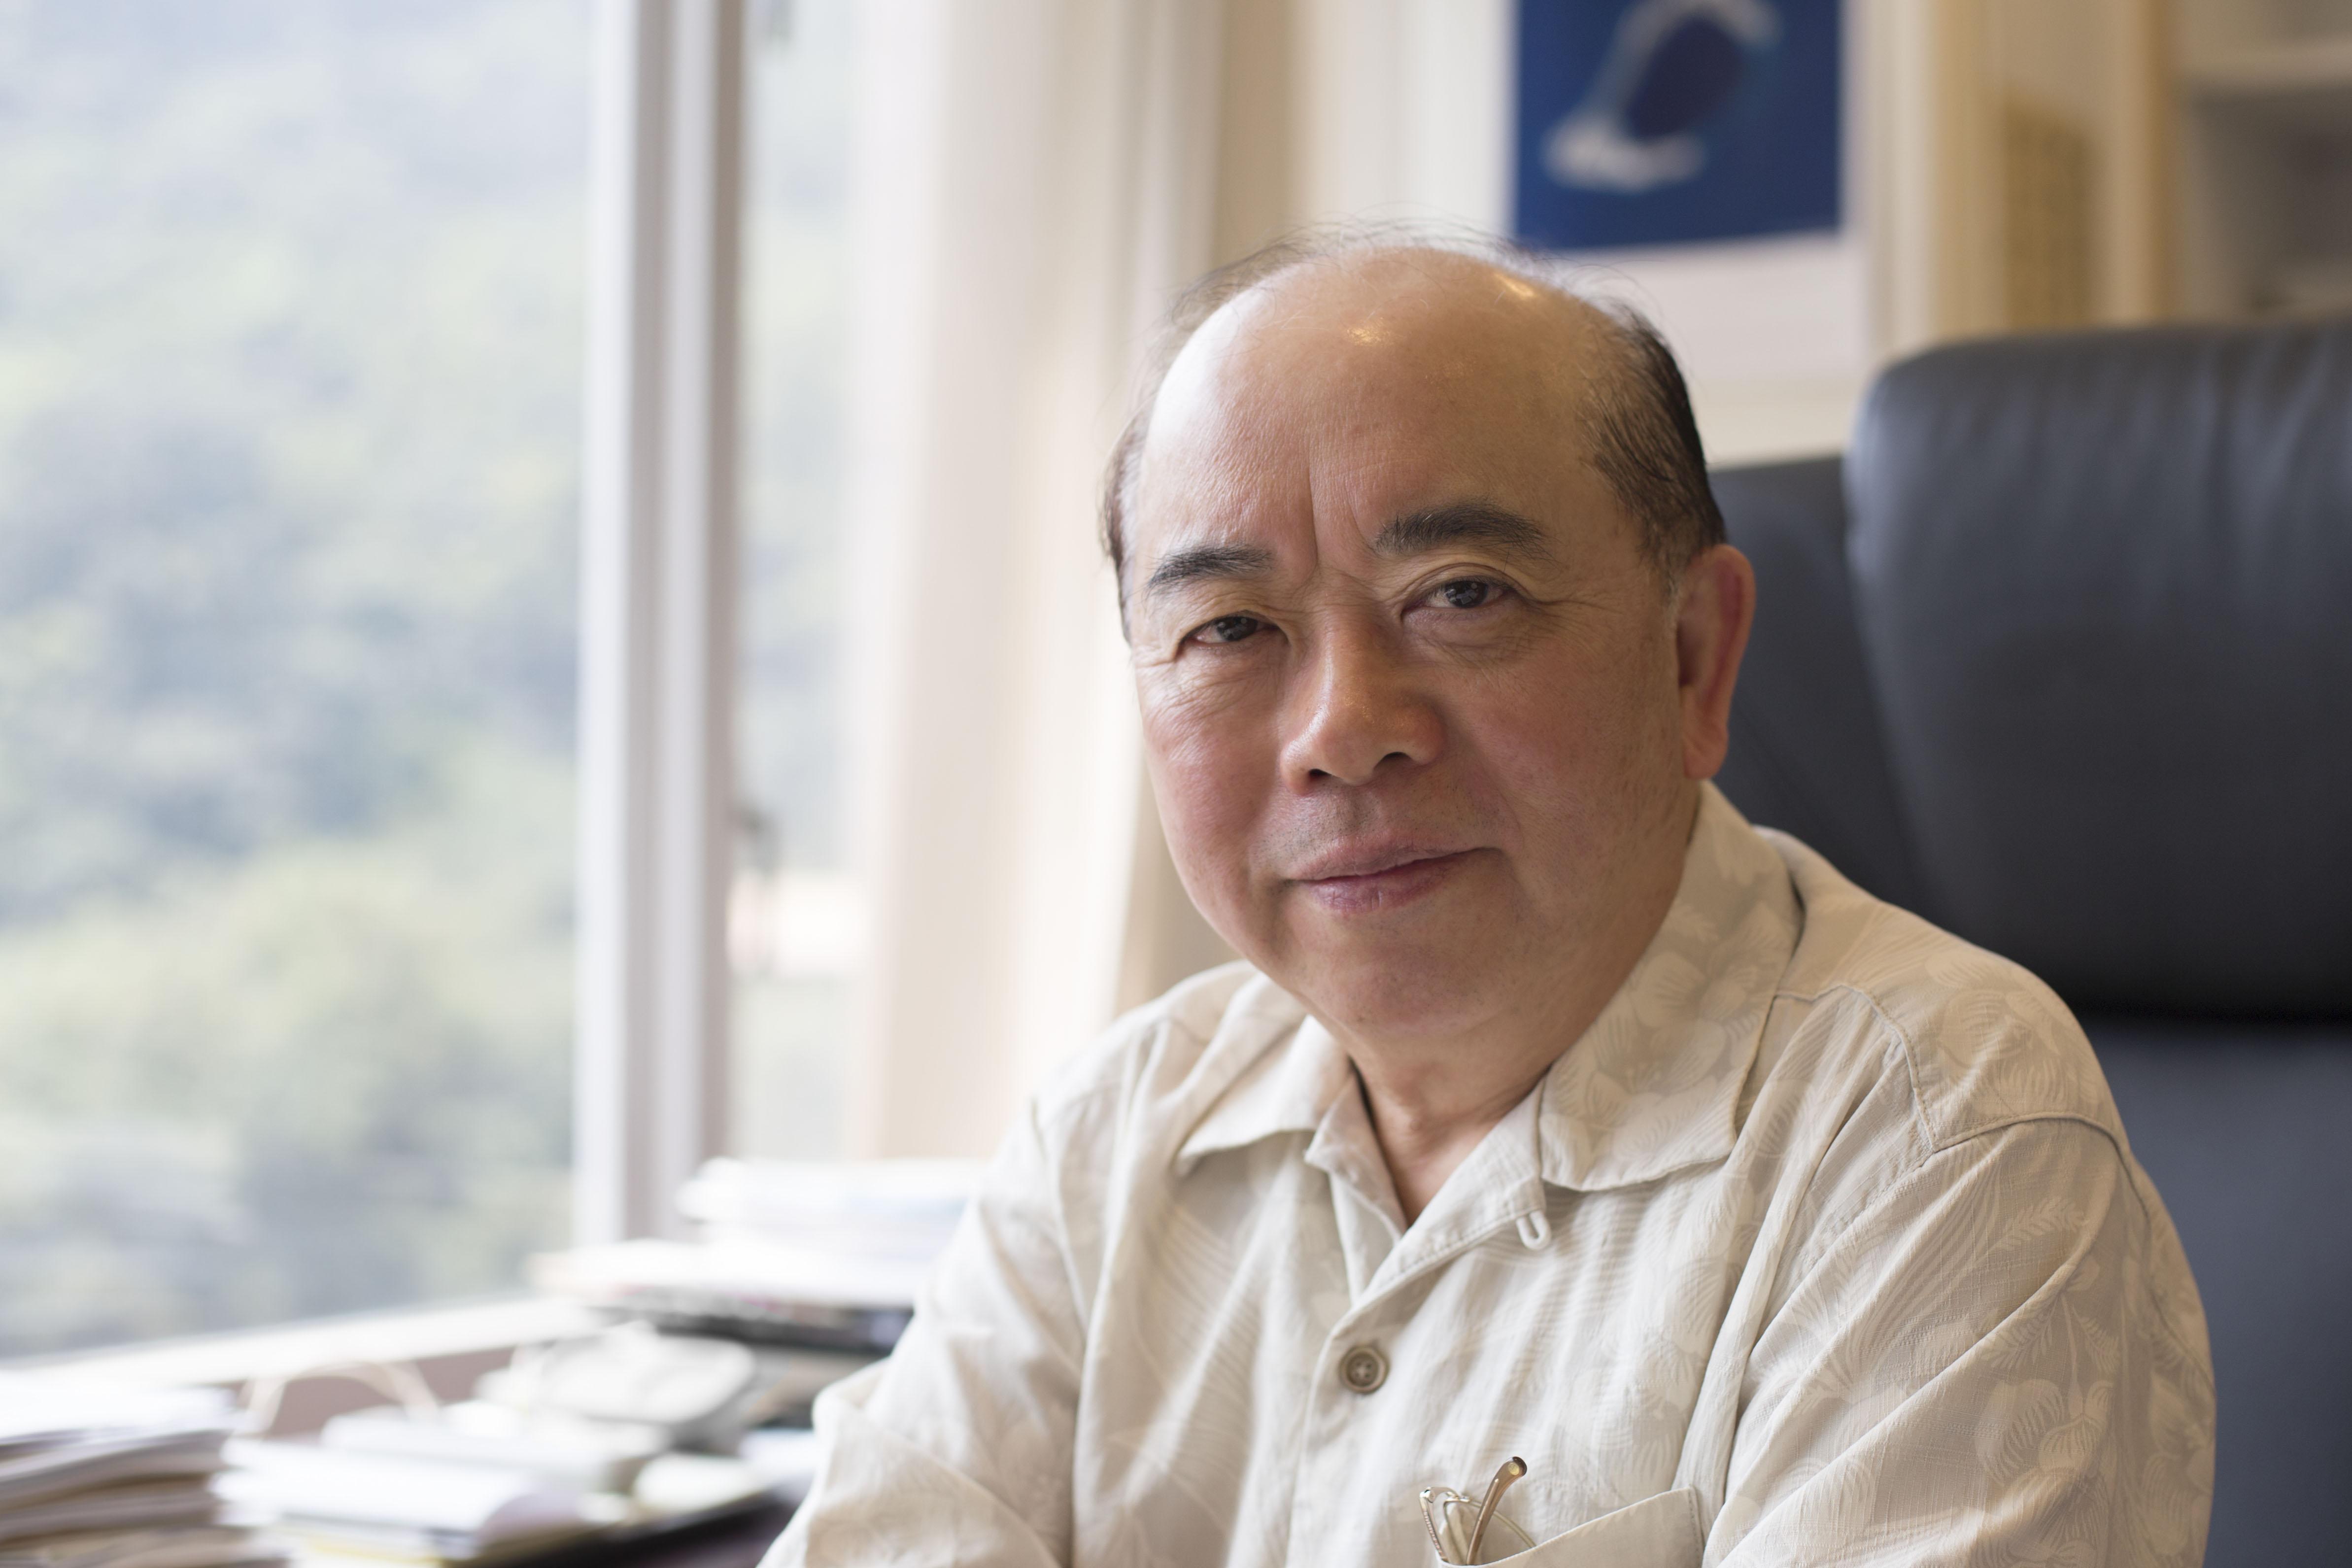 本文專訪氣象學家王寳貫,從物理的角度認識「雲」。圖│研之有物